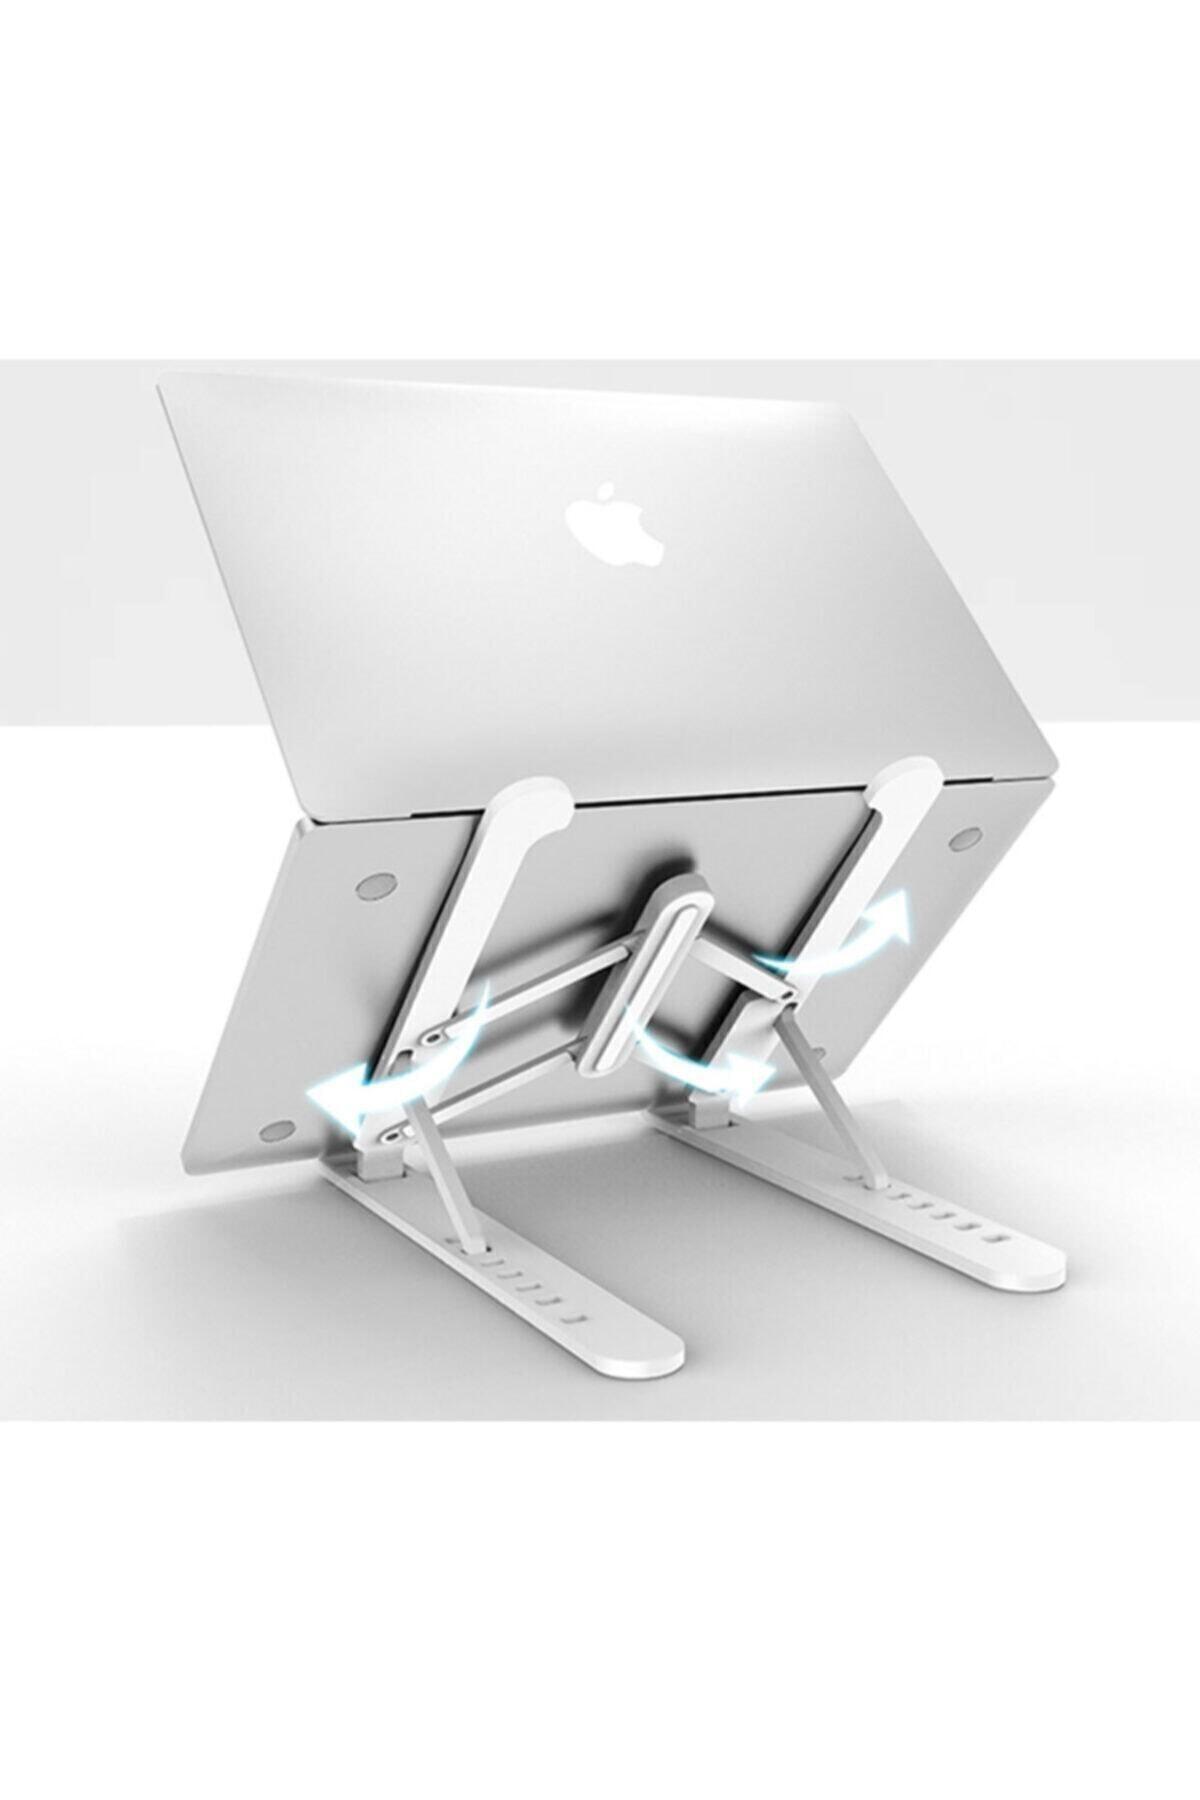 Universal Detayteknoloji Notebook Laptop Standı Özel Yükseltici Aparat Alüminyum Tasarım 1